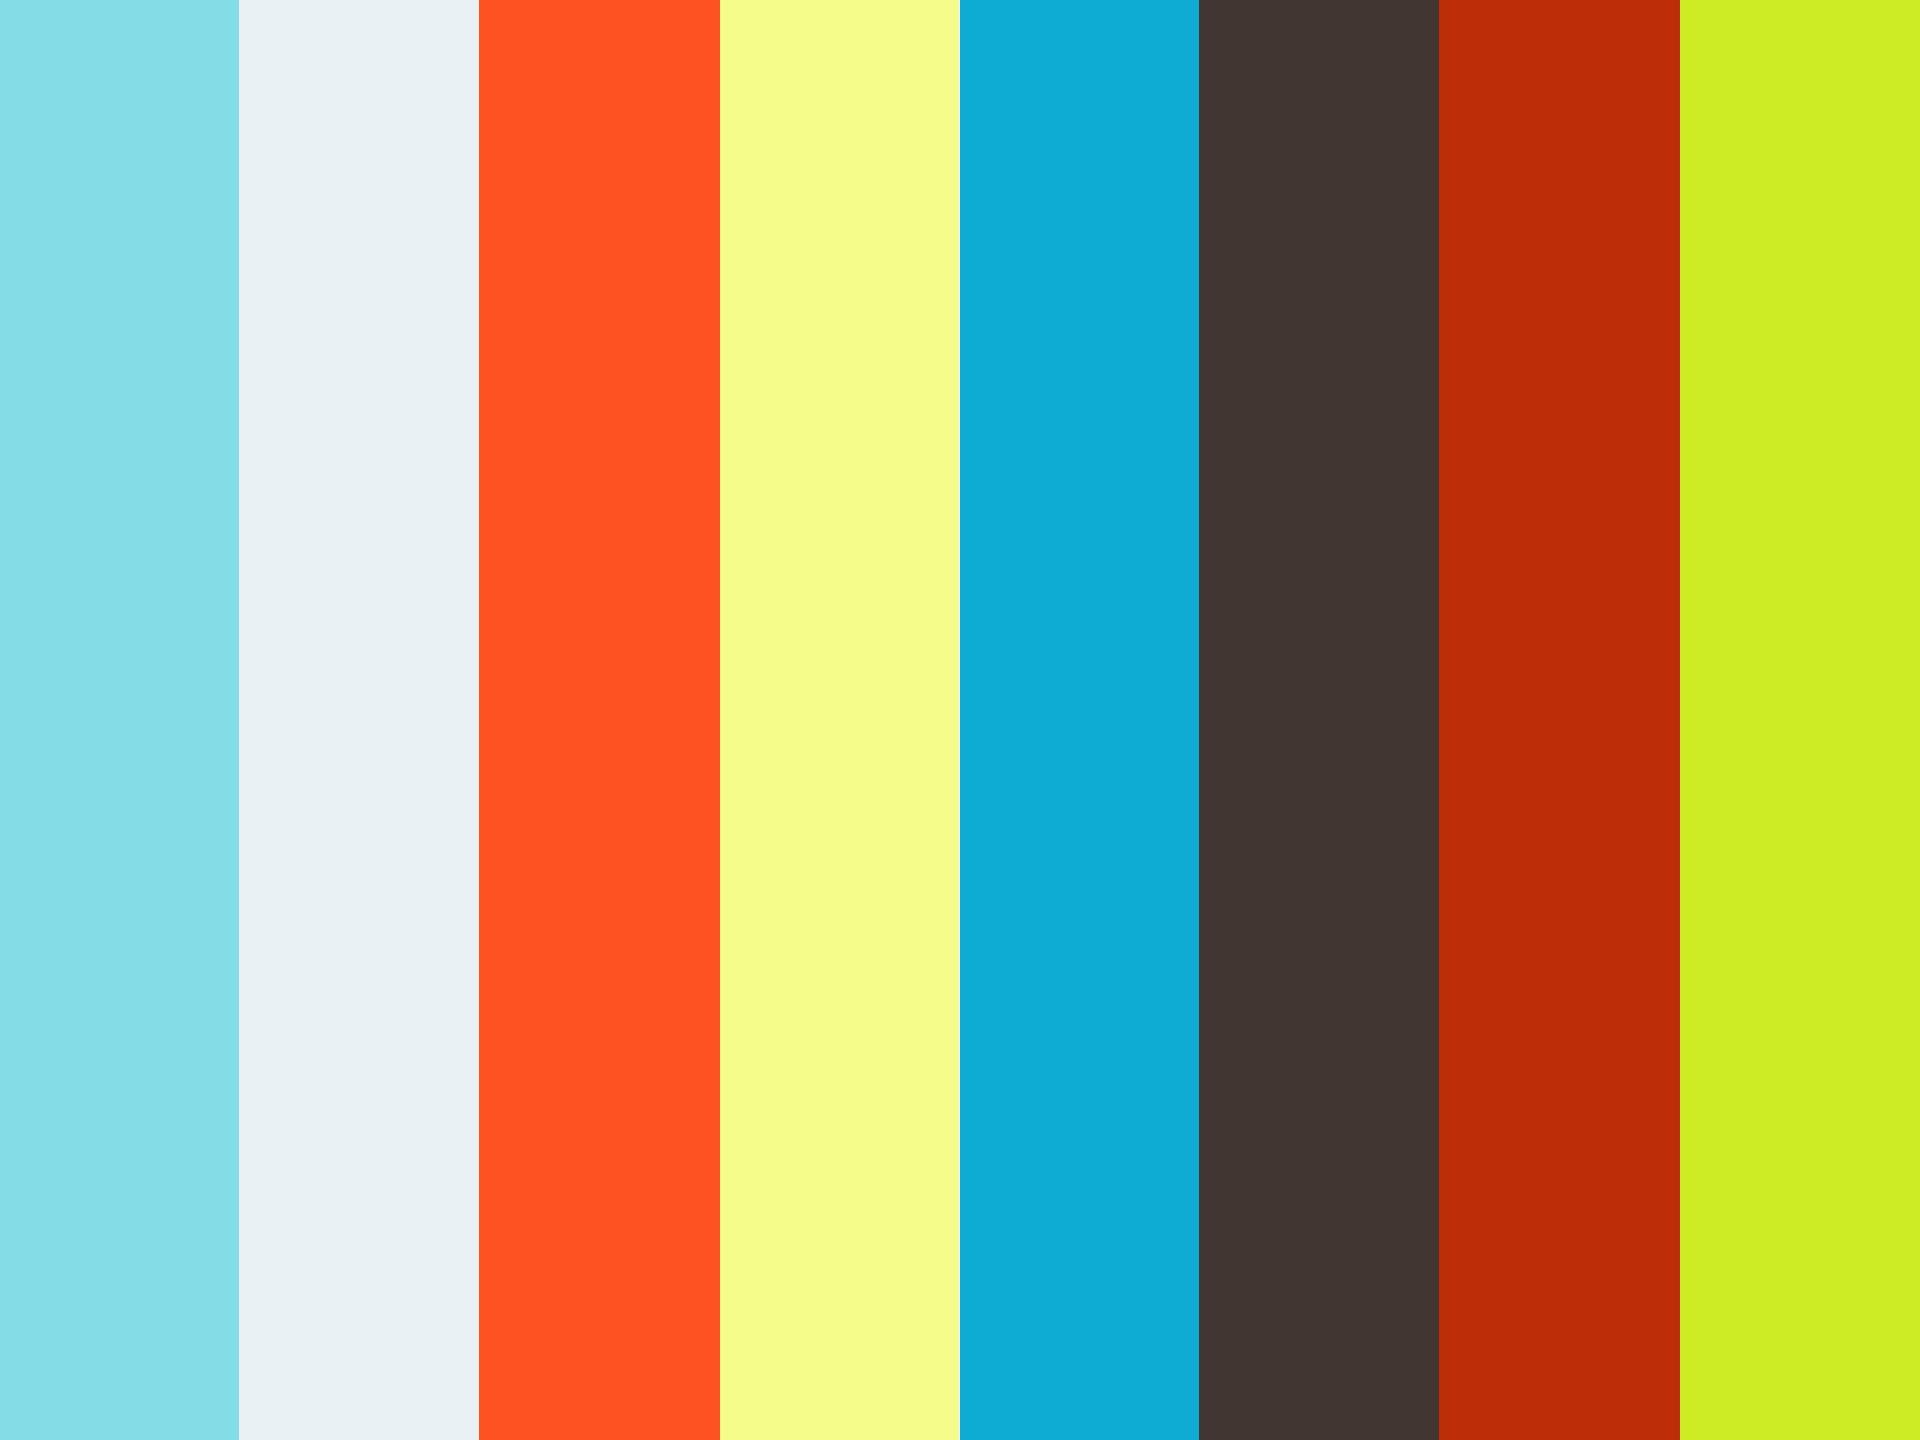 <span class=&quot;slidertitle largescreen&quot; style=&quot;color: #ffffff&quot;>RECEPTION</span> <span class=&quot;slidertitle smallscreen&quot; style=&quot;color: #ffffff&quot;>WATCH VIDEO</span>